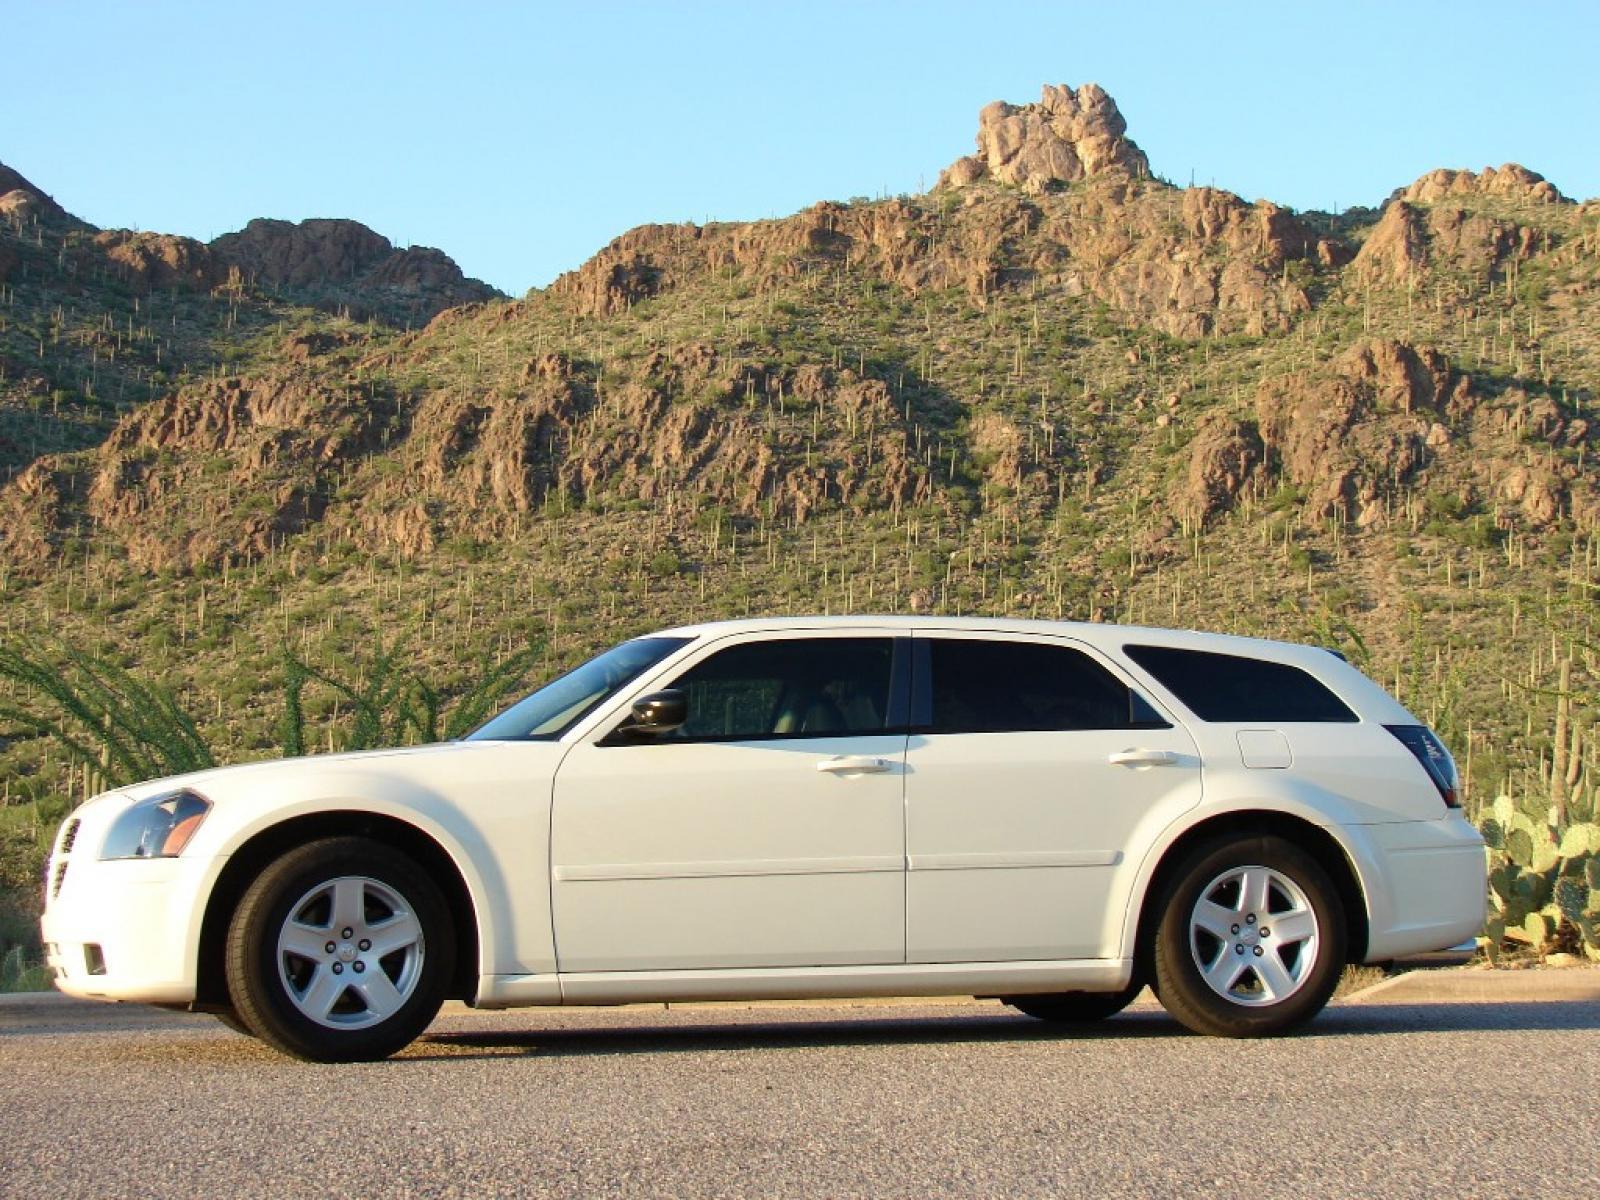 800 1024 1280 1600 Origin 2005 Dodge